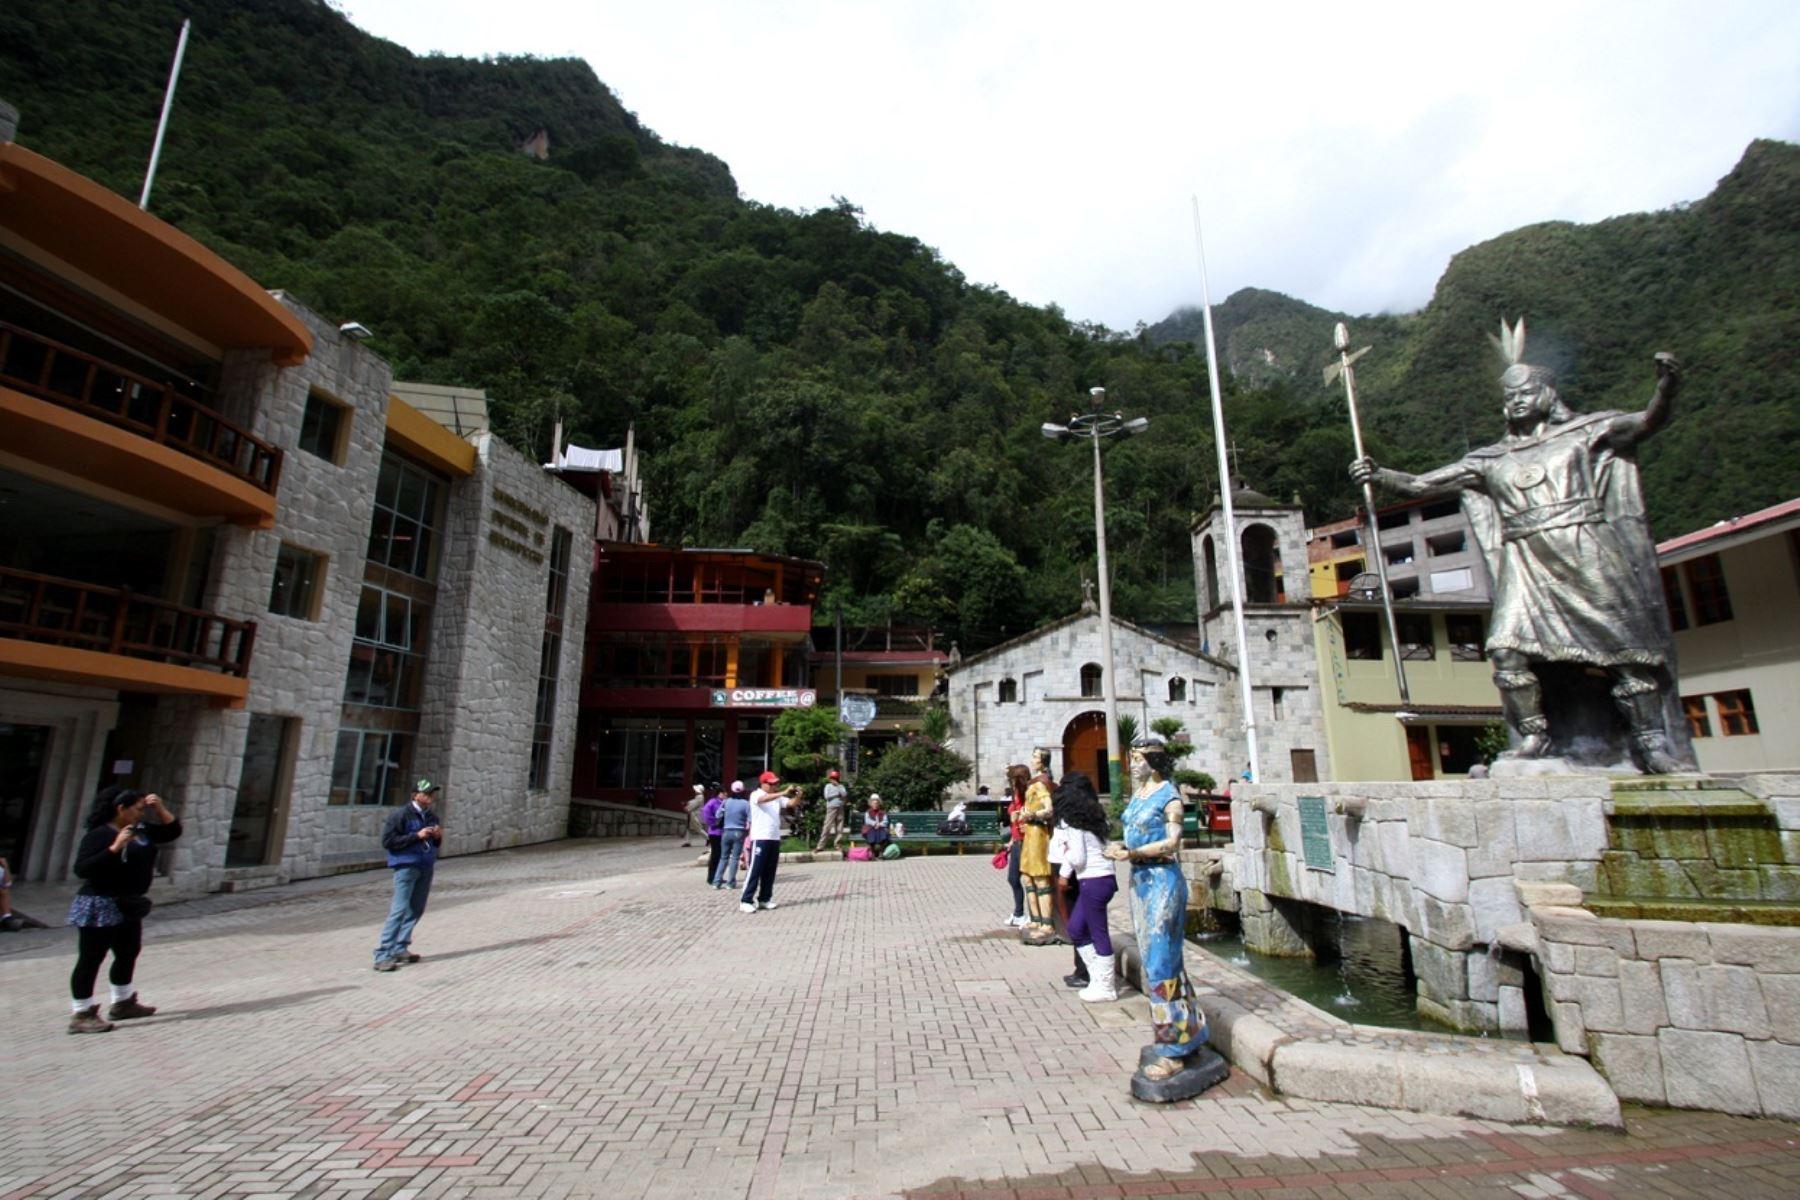 Por infringir normas de protección al consumidor en perjuicio de turistas nacionales y extranjeros, Indecopi sancionó a 47 restaurantes y hospedajes de Macchu Picchu pueblo. Foto: ANDINA/Archivo/Percy Hurtado Santillán